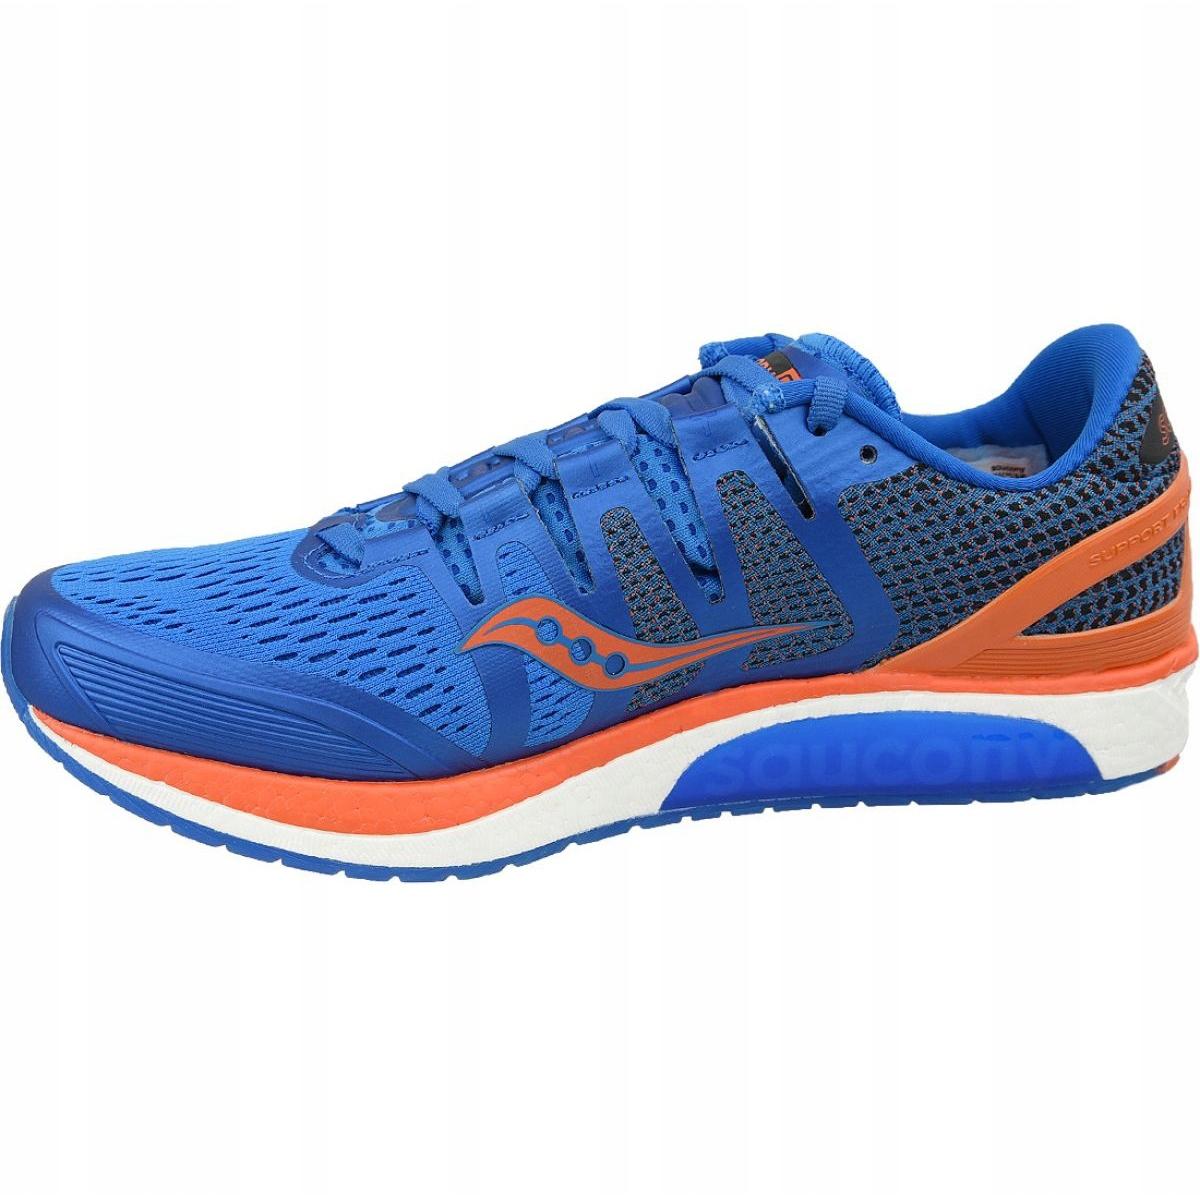 saucony shoes blue